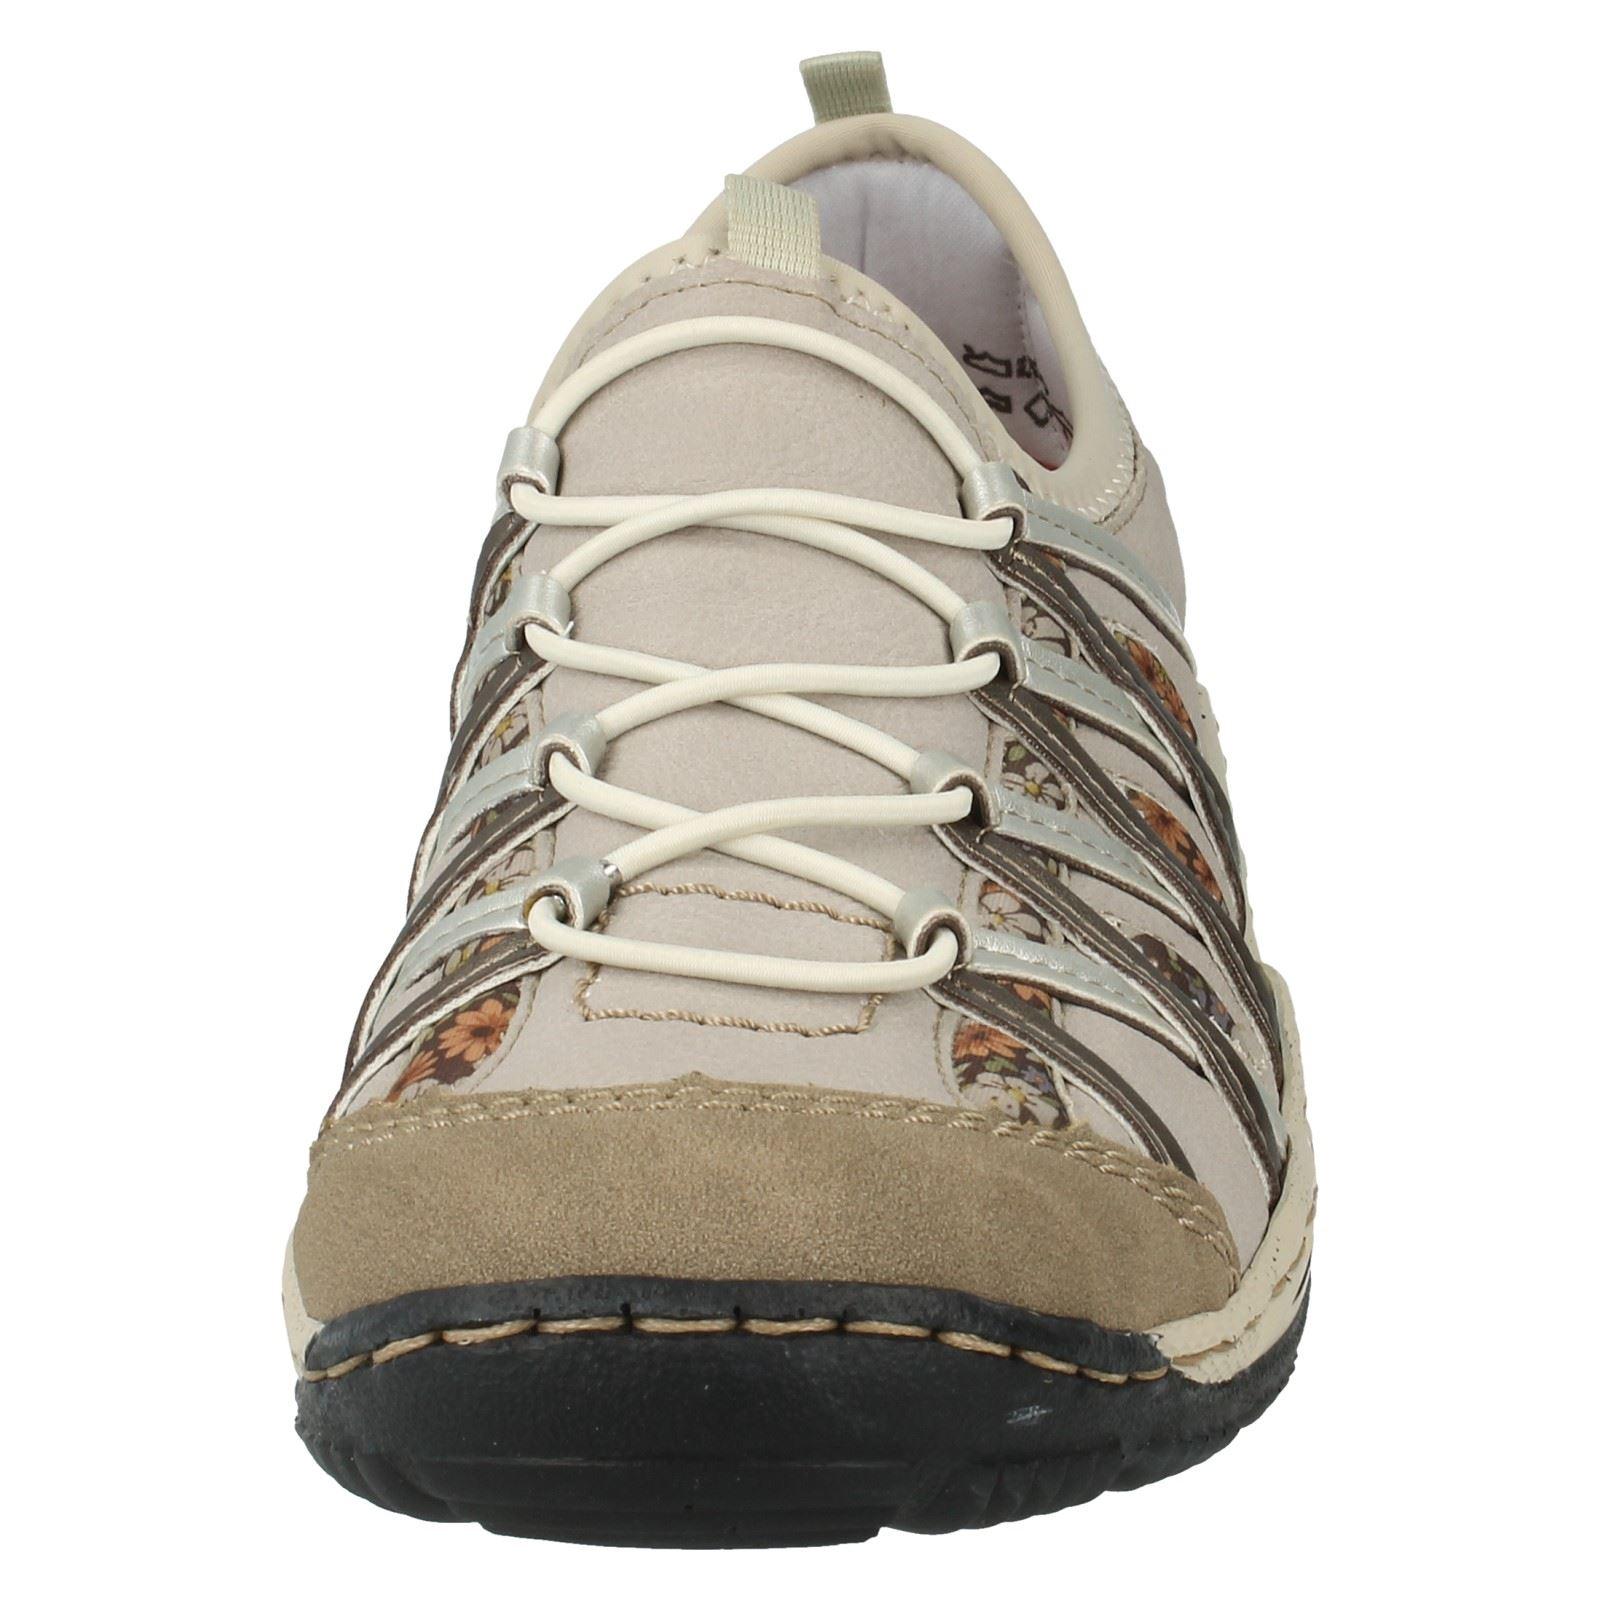 Damenschuhe Damenschuhe Damenschuhe Rieker Schuhe sportive l0563 43db8c